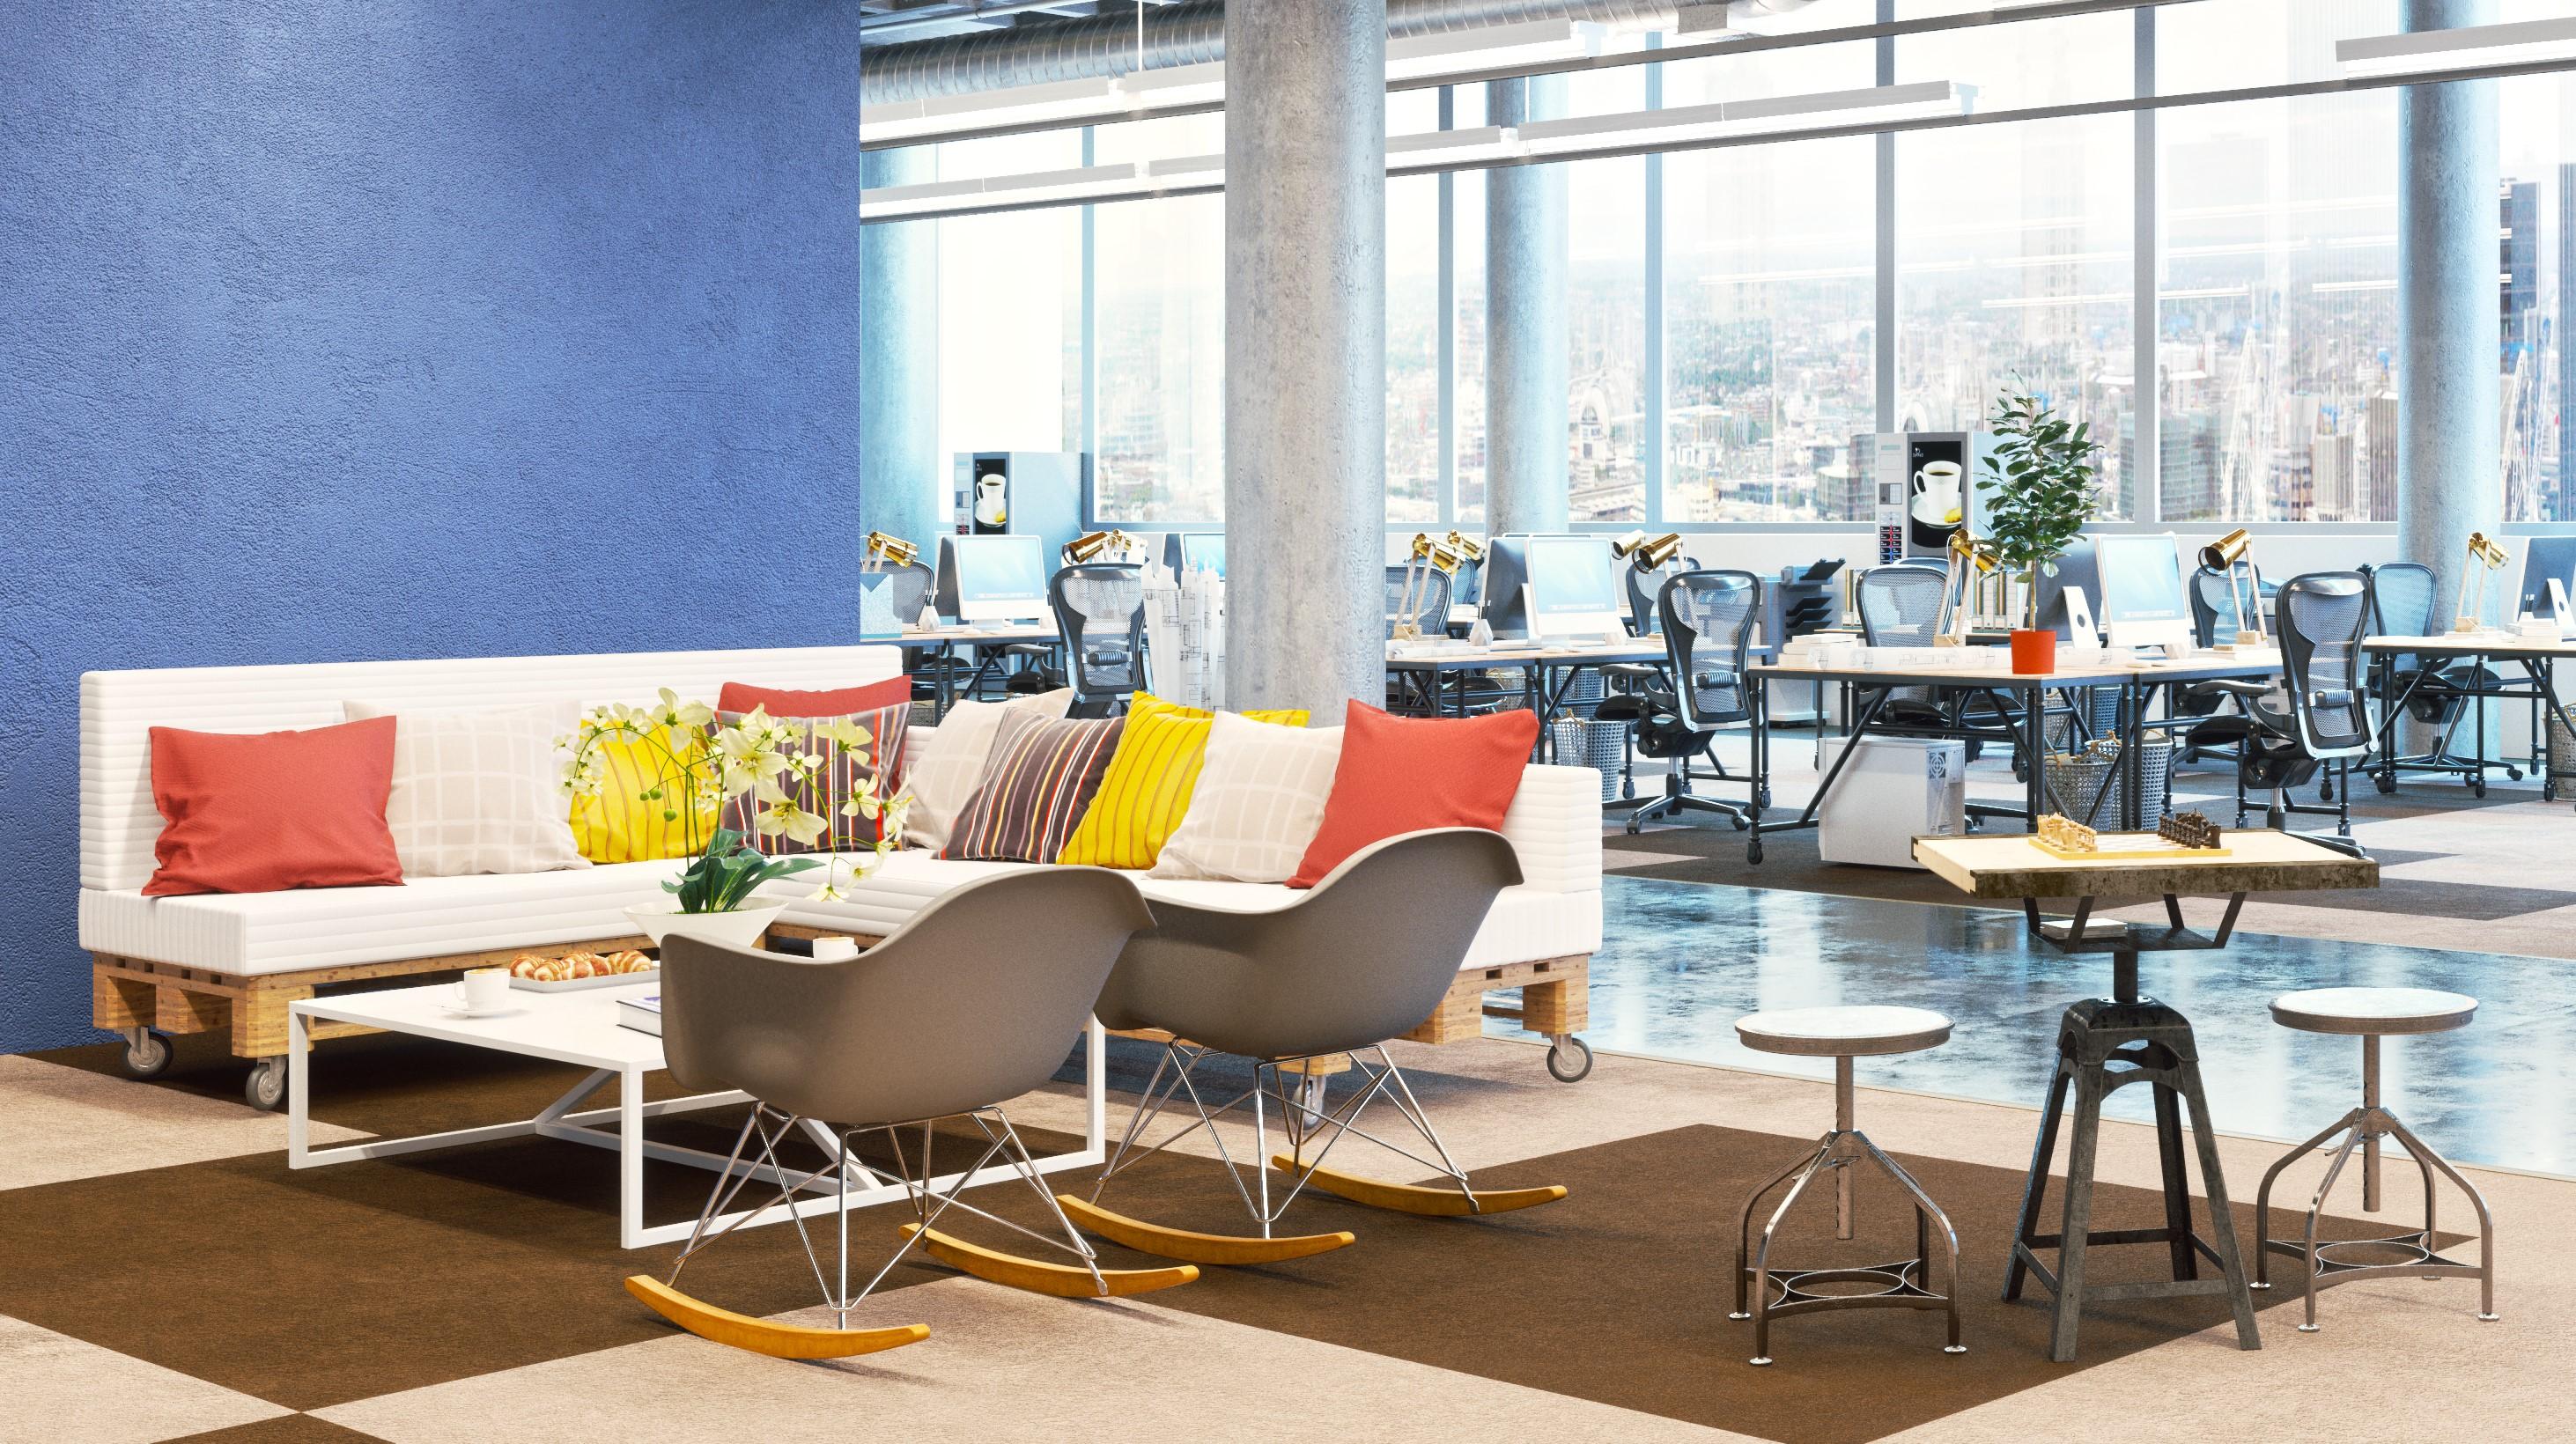 El color puede agregar dinámica a su oficina – ¡echa un vistazo aquí!